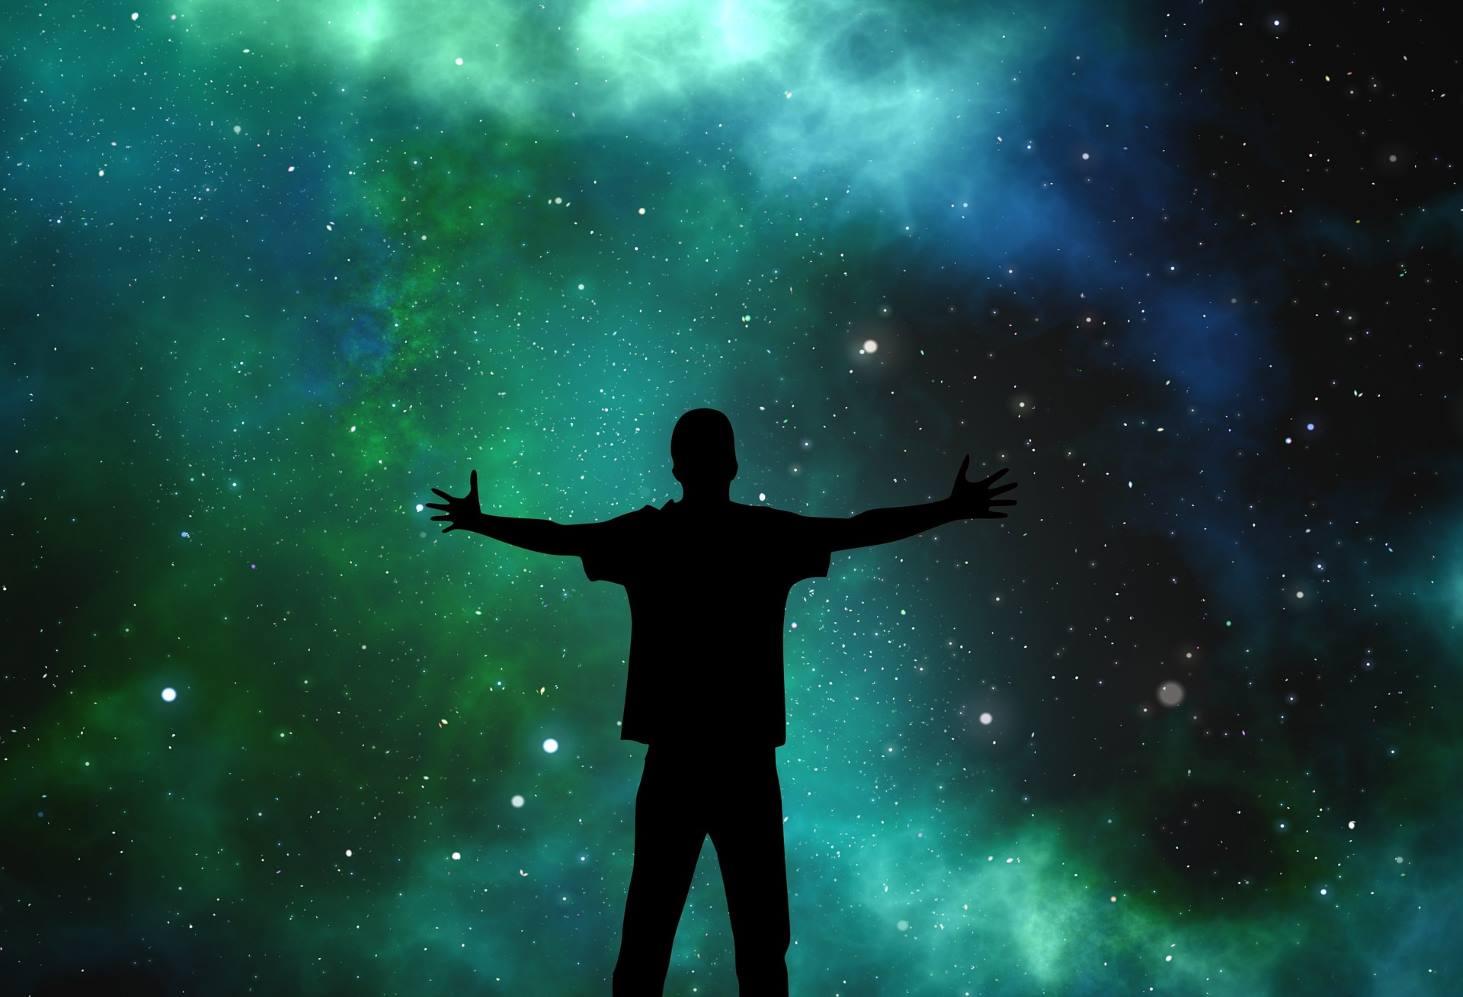 stihotvorenie-ko-dnyu-kosmonavtiki-kosmos-obshhij-nash-dom